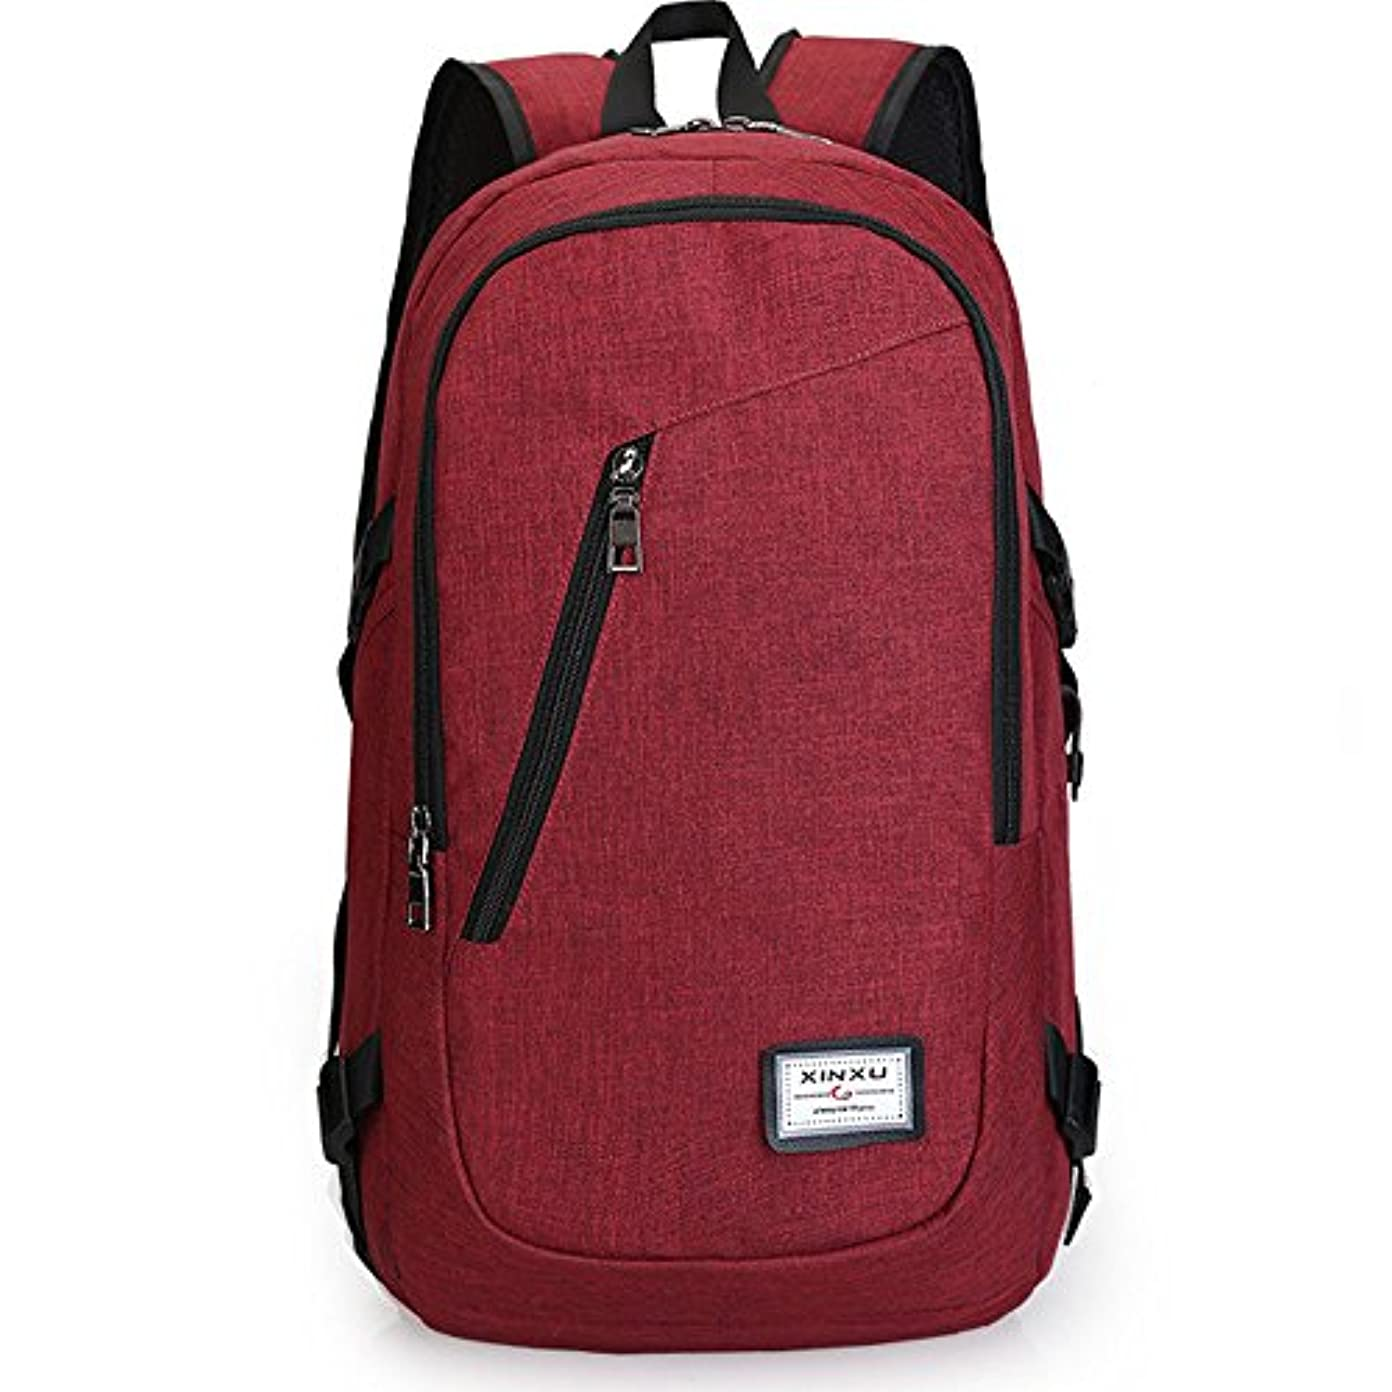 ワーディアンケース土器研究14 inch Laptop Computer Backpack with USB Charging Port Travel Daypack School College Bag for Men and Women